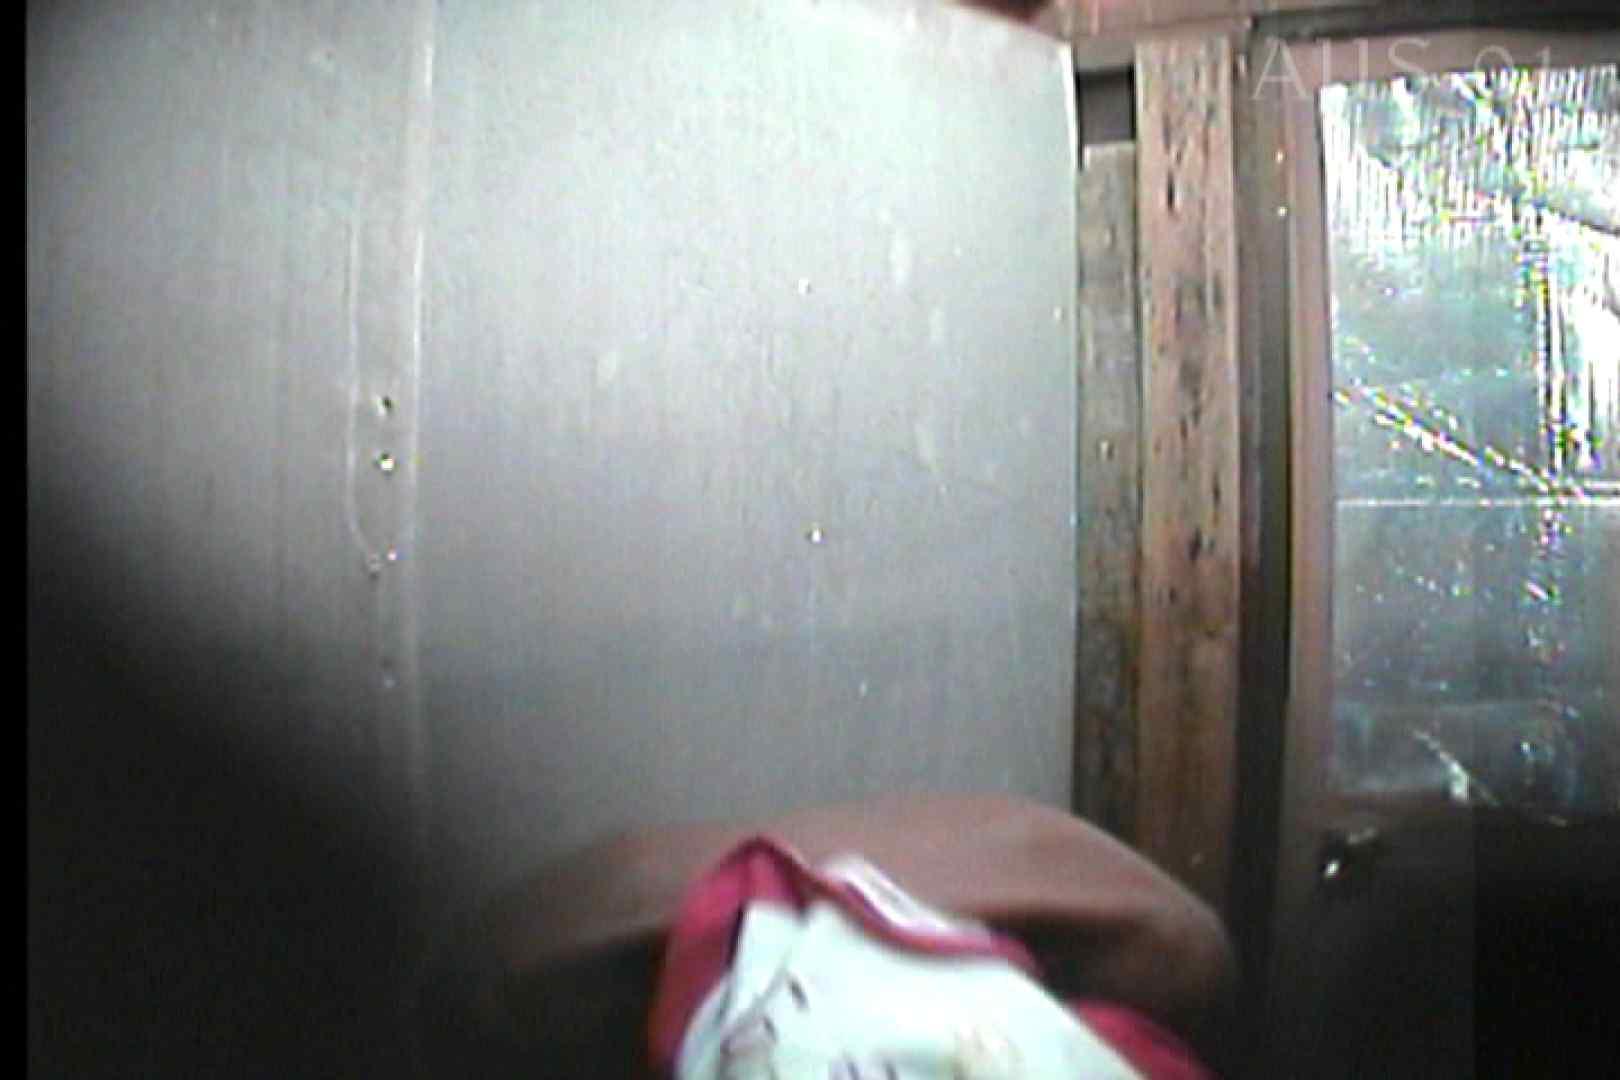 海の家の更衣室 Vol.05 いやらしいOL | 0  55連発 49